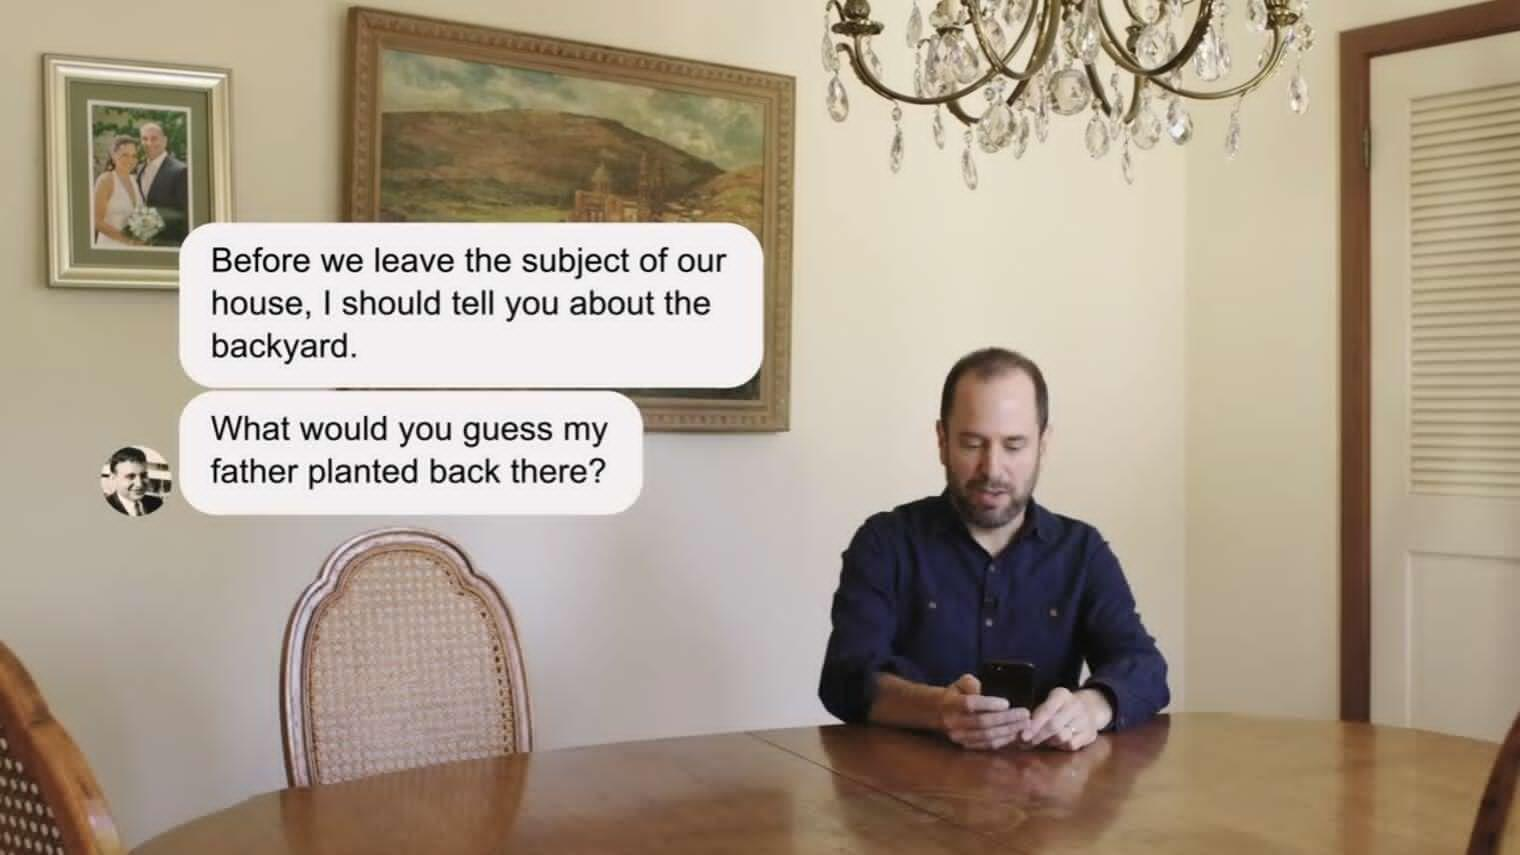 幻想成真!美记者设计聊天程序与已故父亲对话